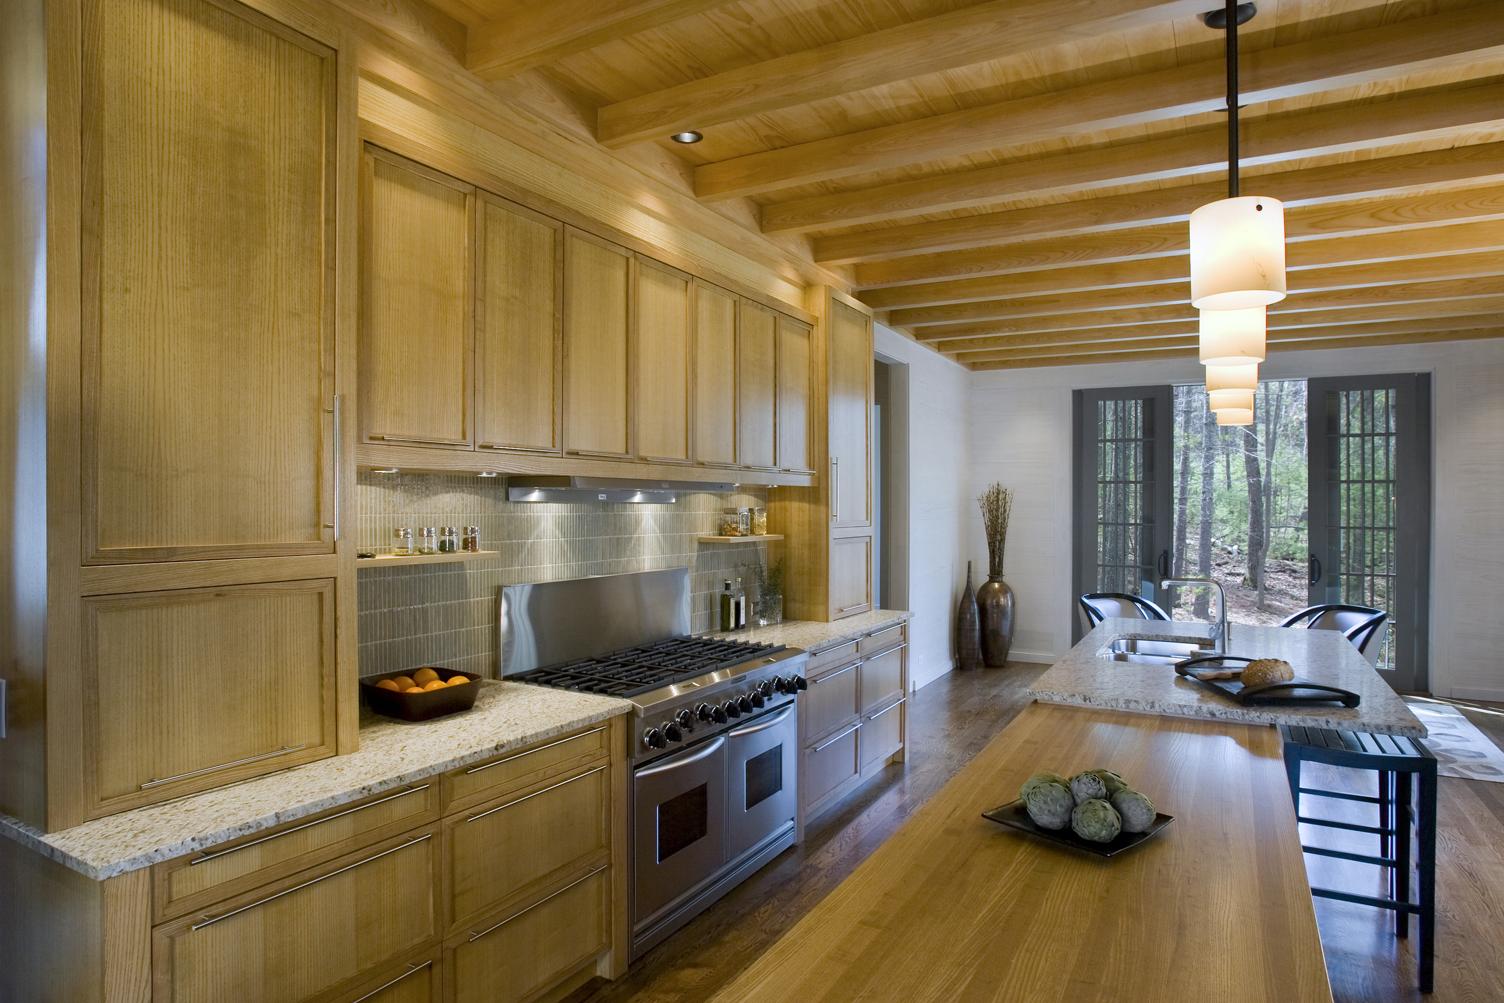 Carlton Edwards kitchen, modern mountain kitchen